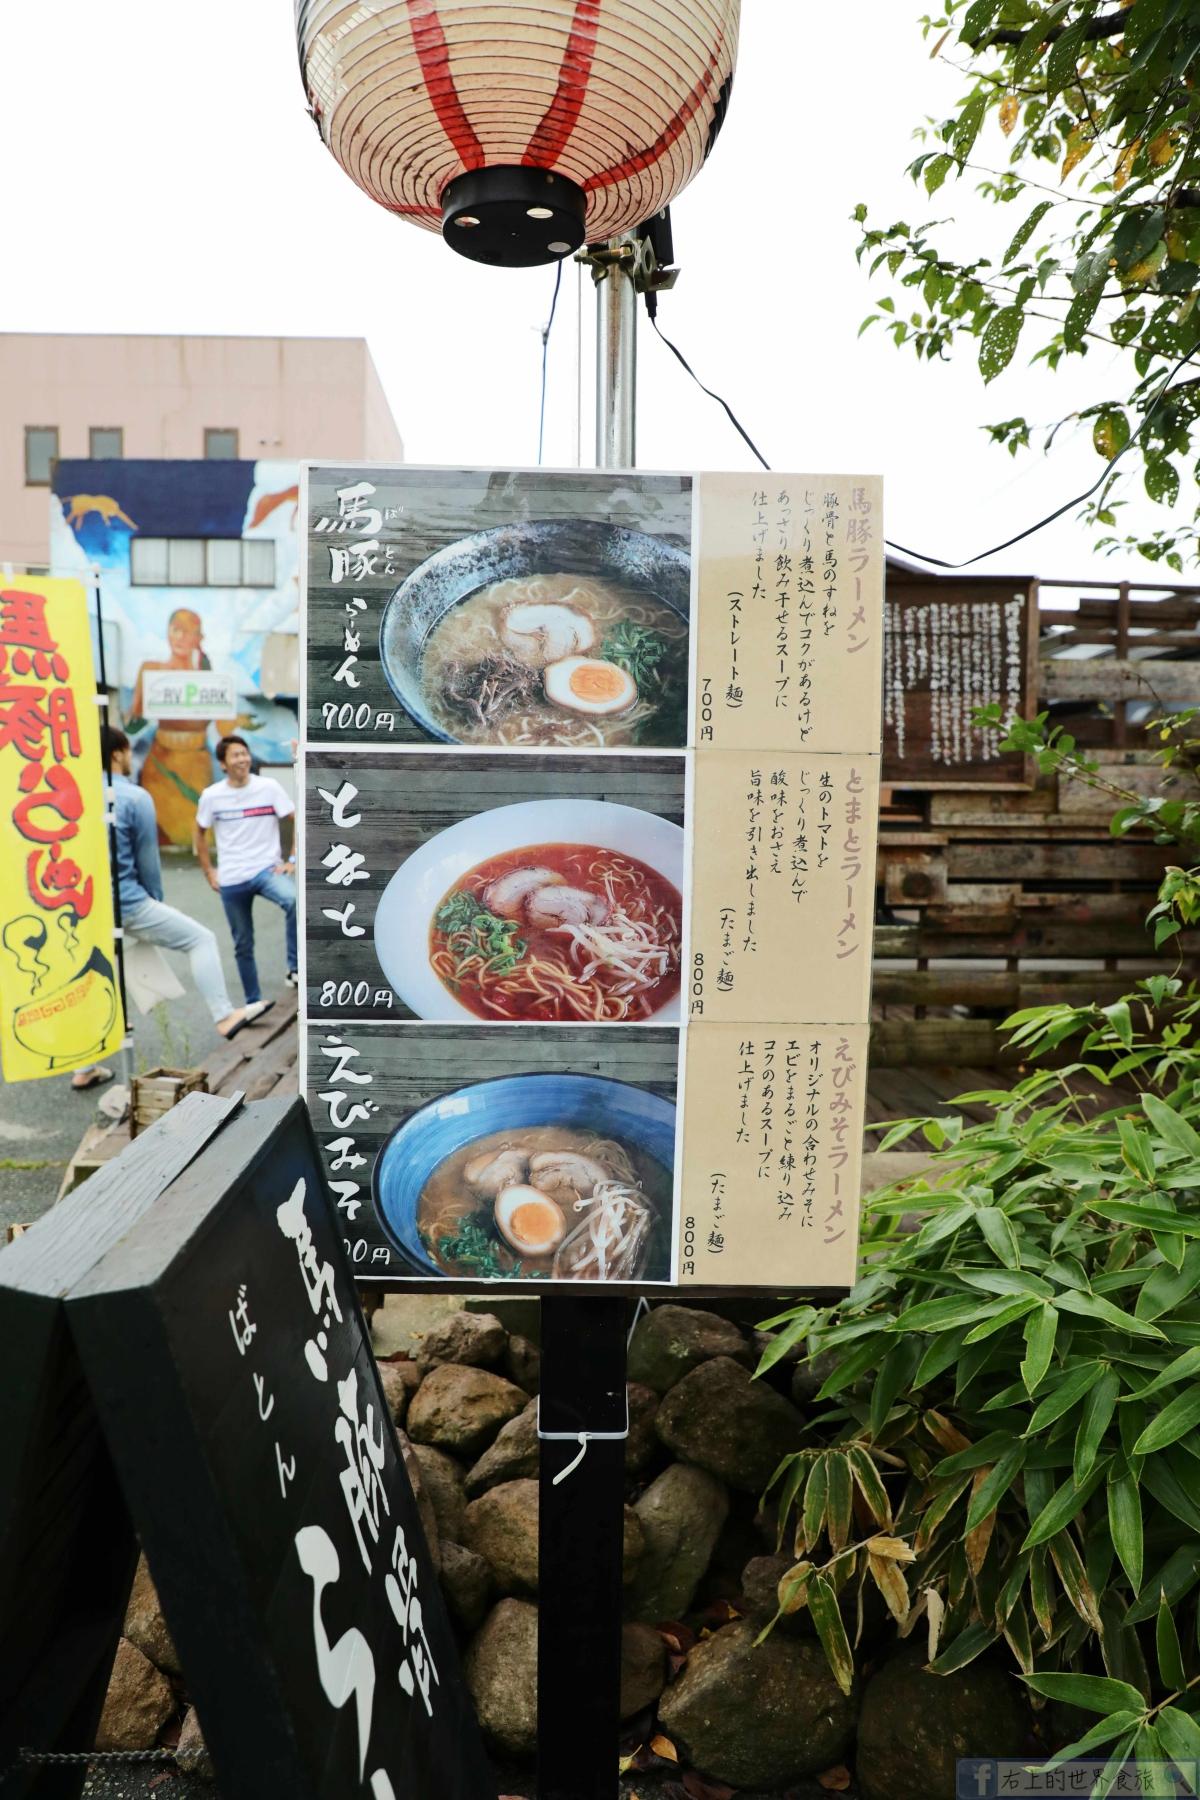 熊本 阿蘇三大必吃美食:馬肉饅頭、牛奶、布丁&內牧溫泉赤牛丼 @右上的世界食旅